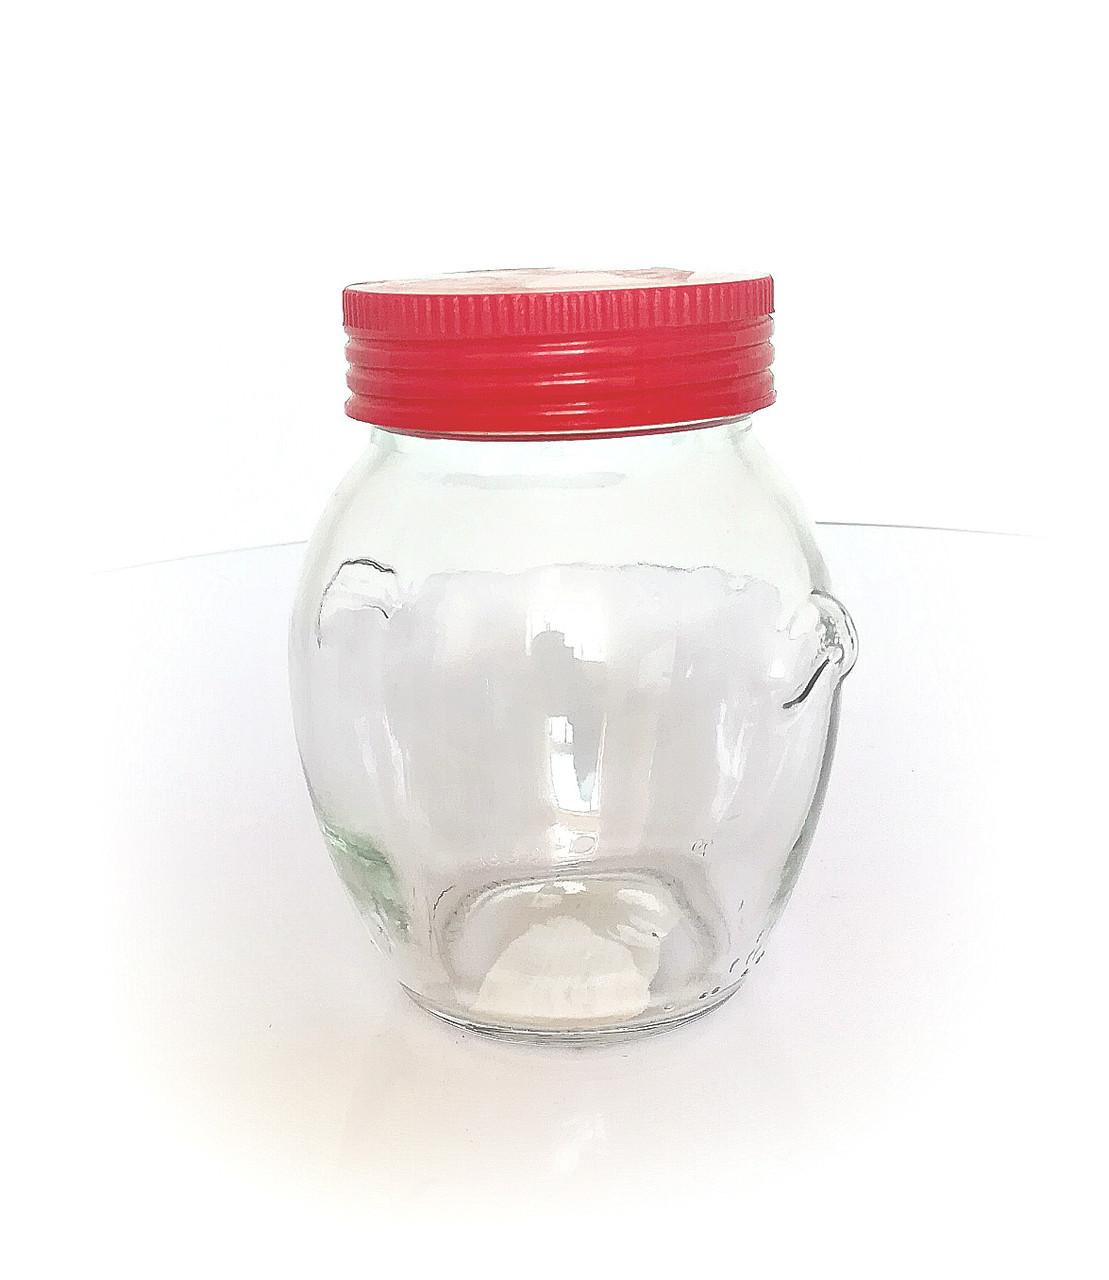 Банка стеклянная 350 мл для сыпучих с красной пластиковой крышкой Италия Everglass